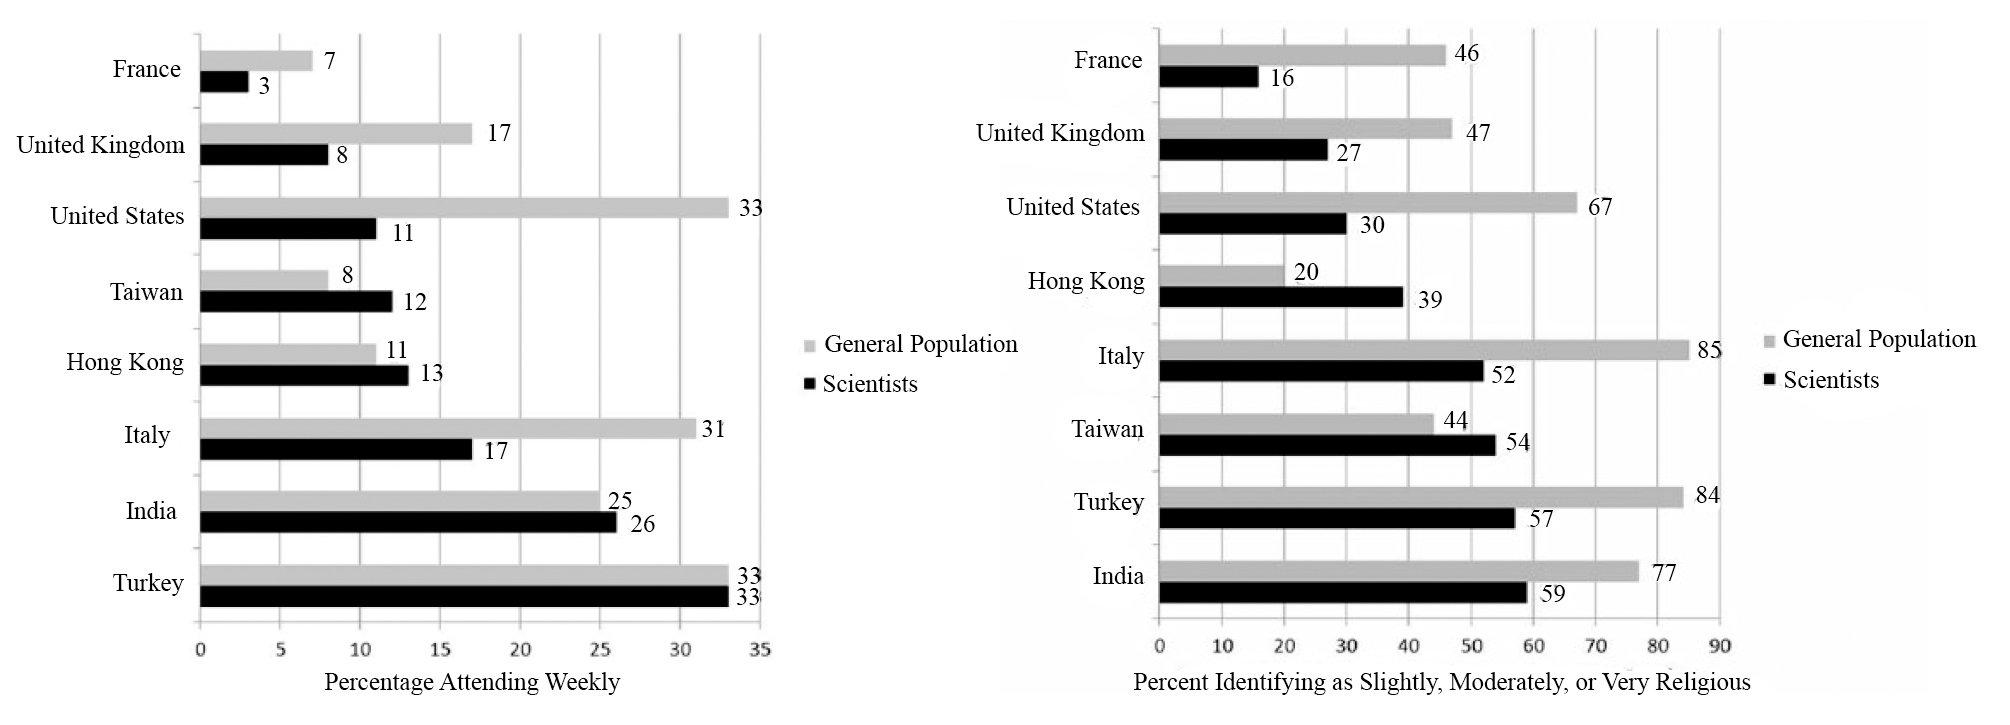 """Доля ученых, посещающих религиозные службы хотя бы раз в неделю (слева) и считающих себя в той или иной степени религиозными (справа), по сравнению с остальным населением. Из """"Троицкого варианта"""", оригинал исследования - Rice et al., 2015"""